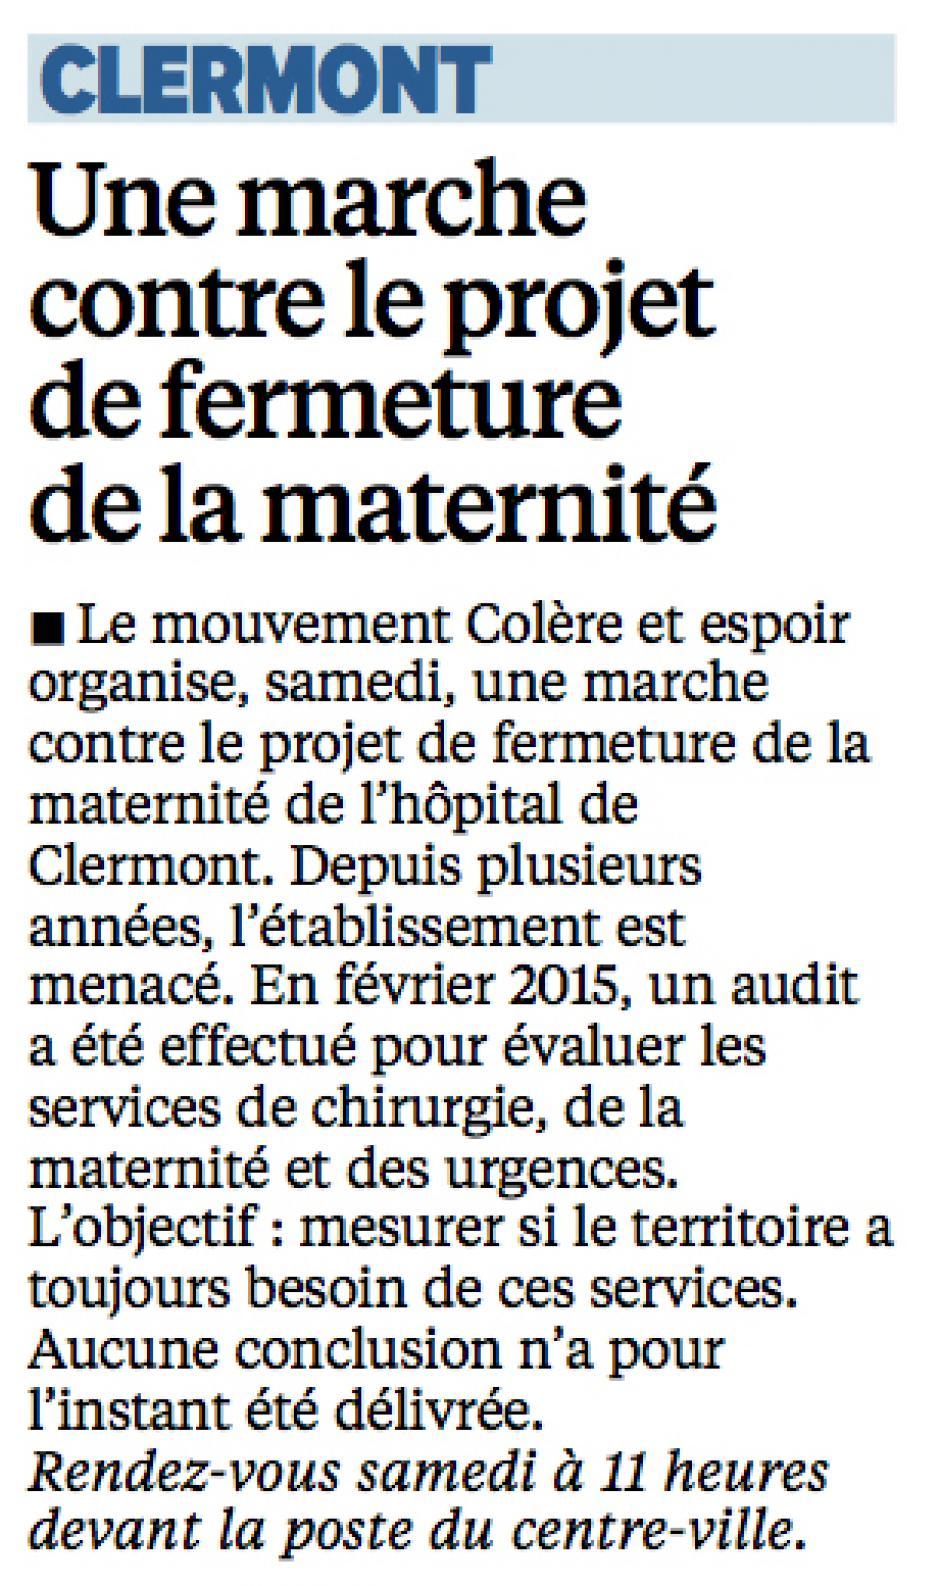 20150910-LeP-Clermont-Une marche contre le projet de fermeture de la maternité